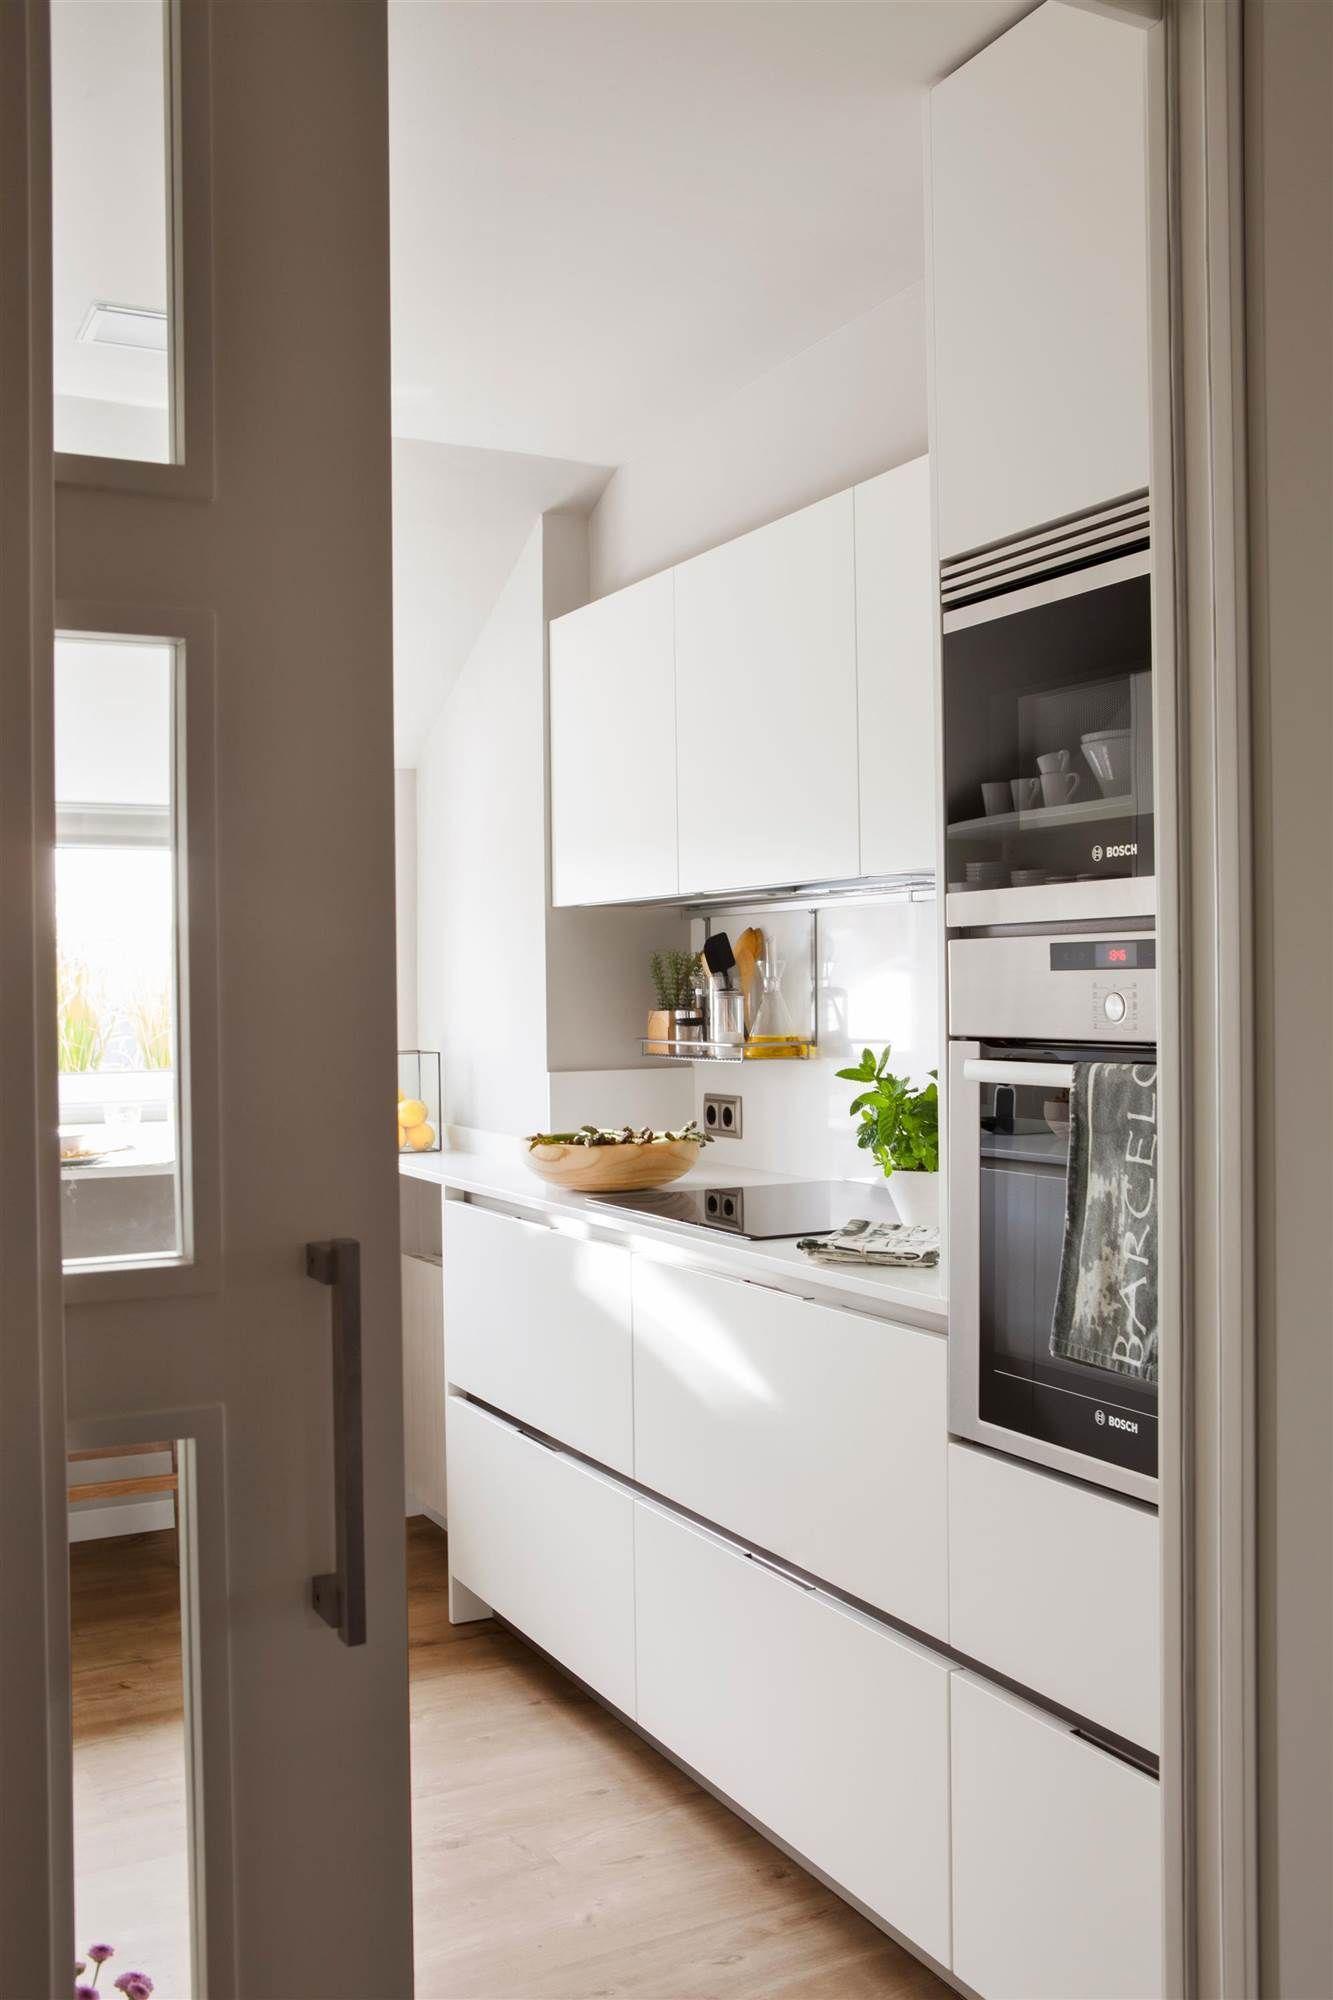 cocina blanca con puerta corredera_00421263 O | Cocinas abiertas ...